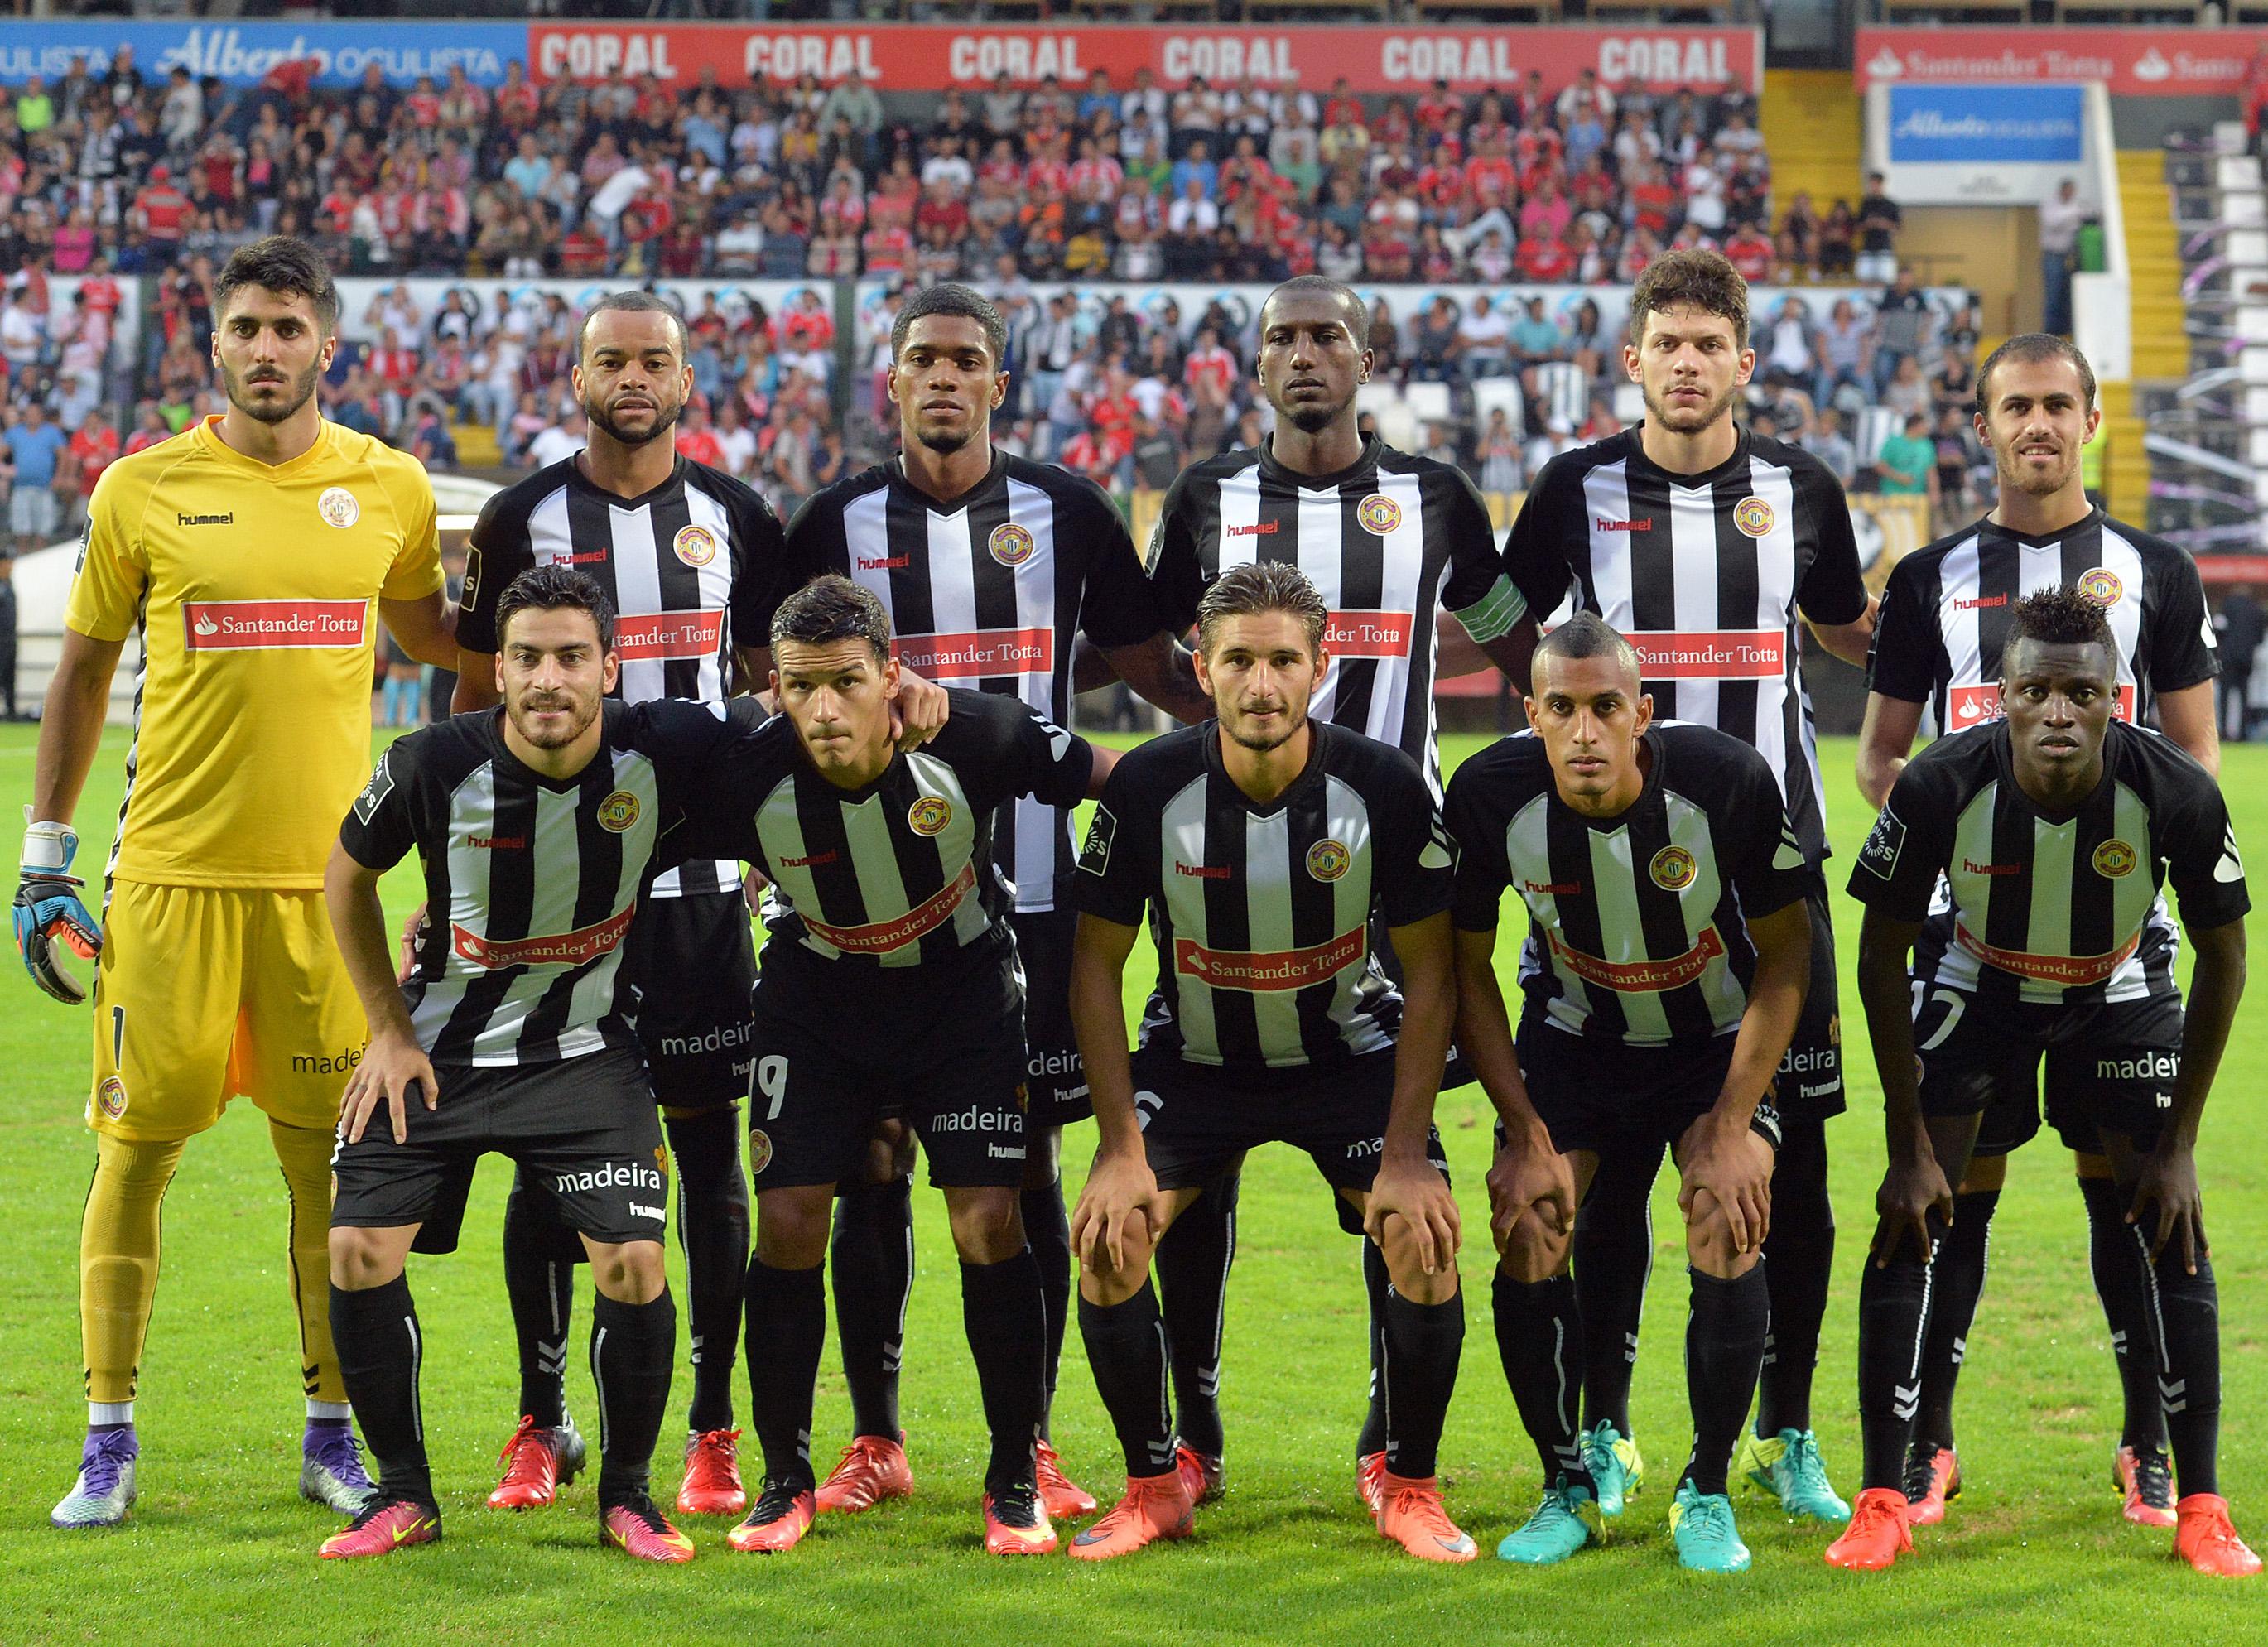 Feirense: Clube Desportivo Nacional Definido Calendário Até à 12ª